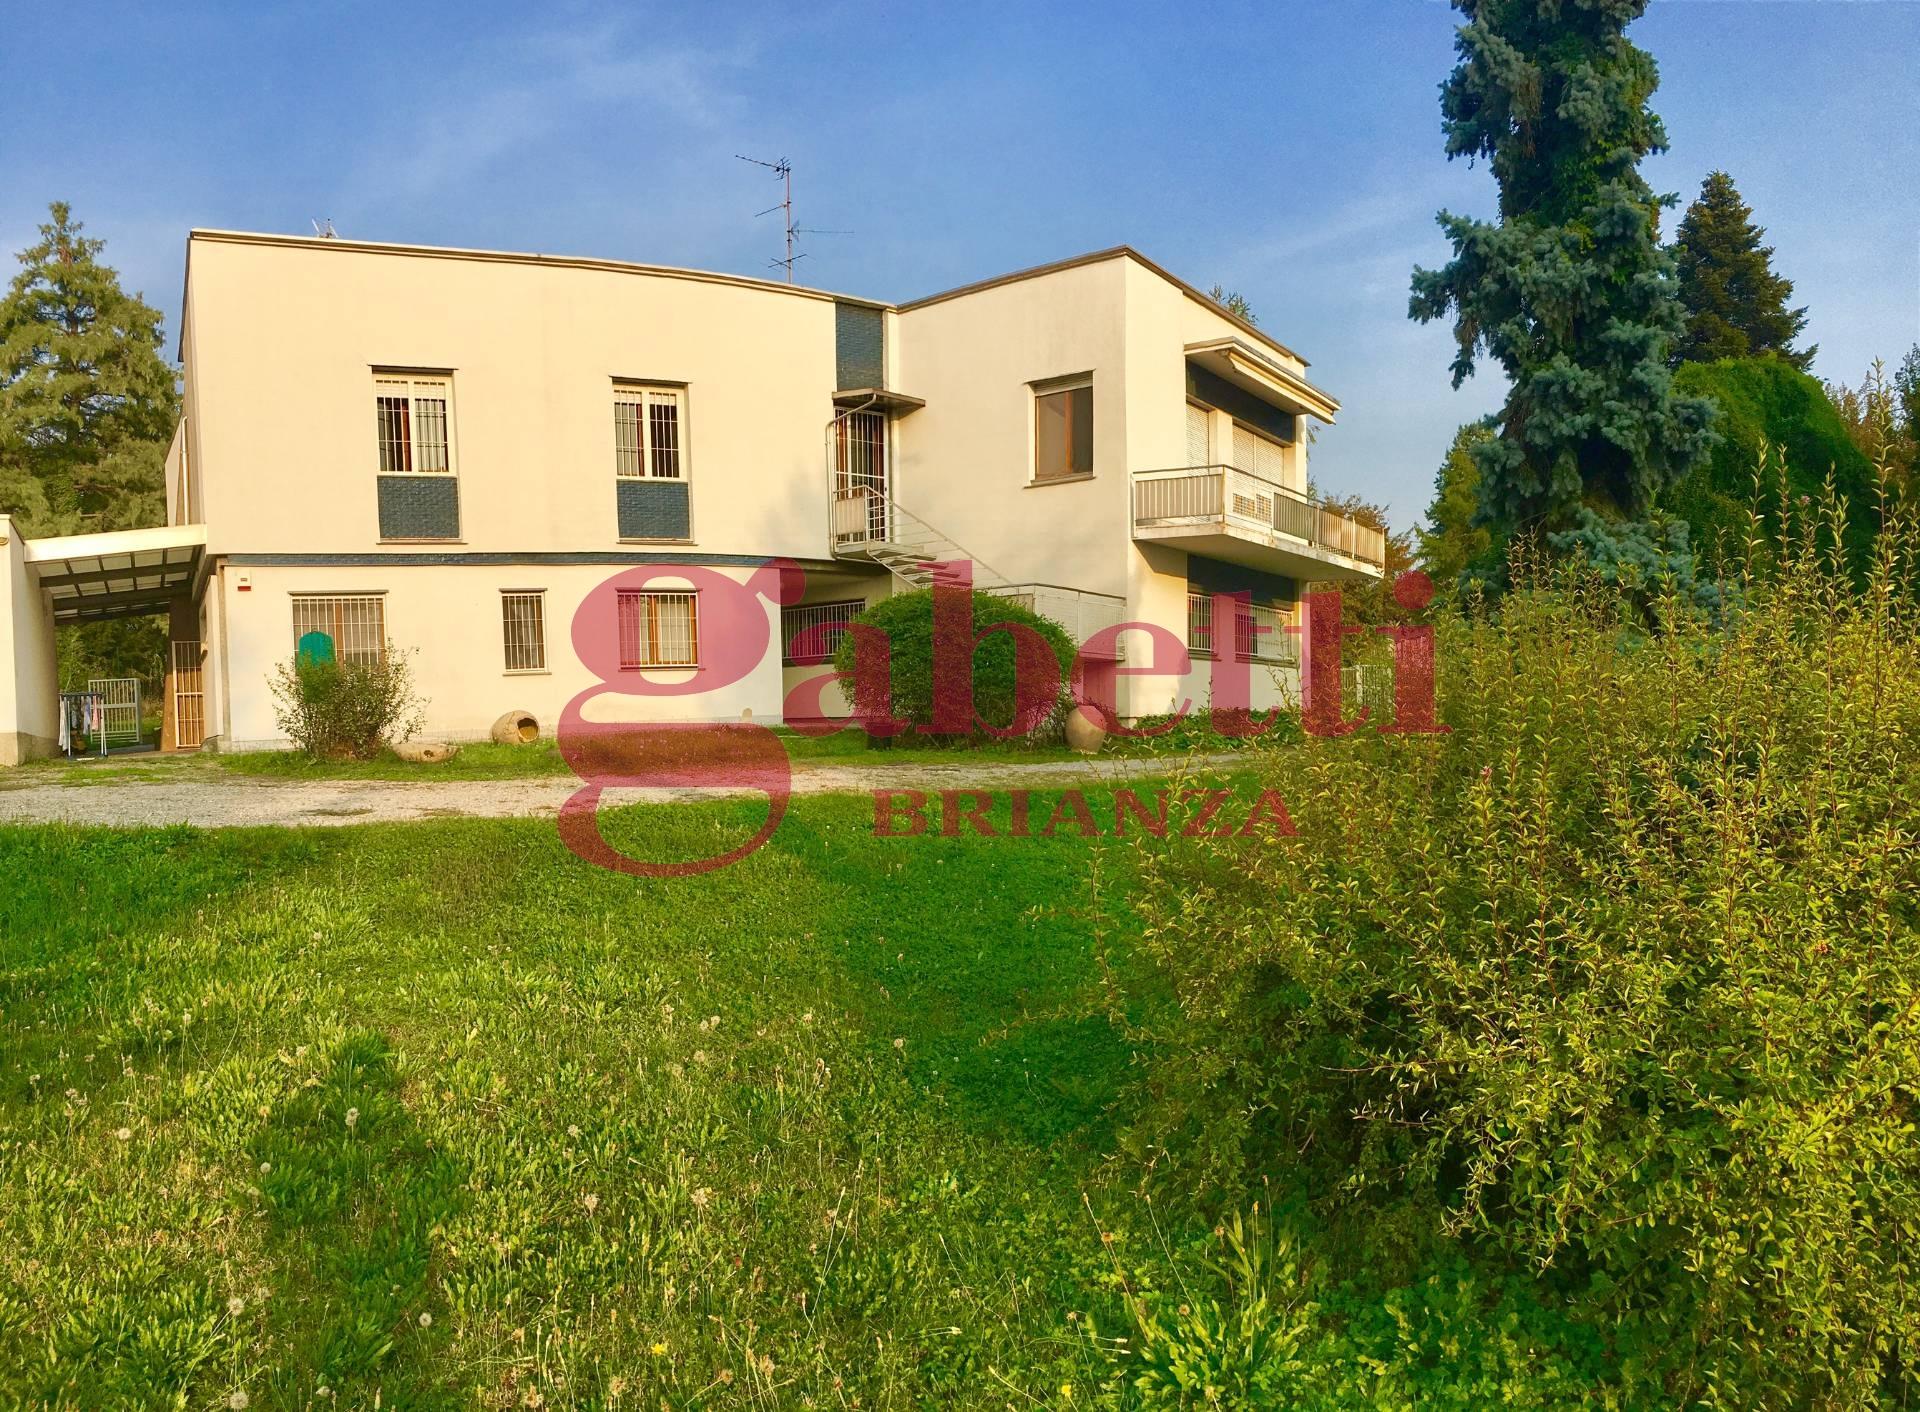 Villa in vendita a Carnate, 5 locali, zona Località: Carnatesuperiore, prezzo € 250.000 | Cambio Casa.it